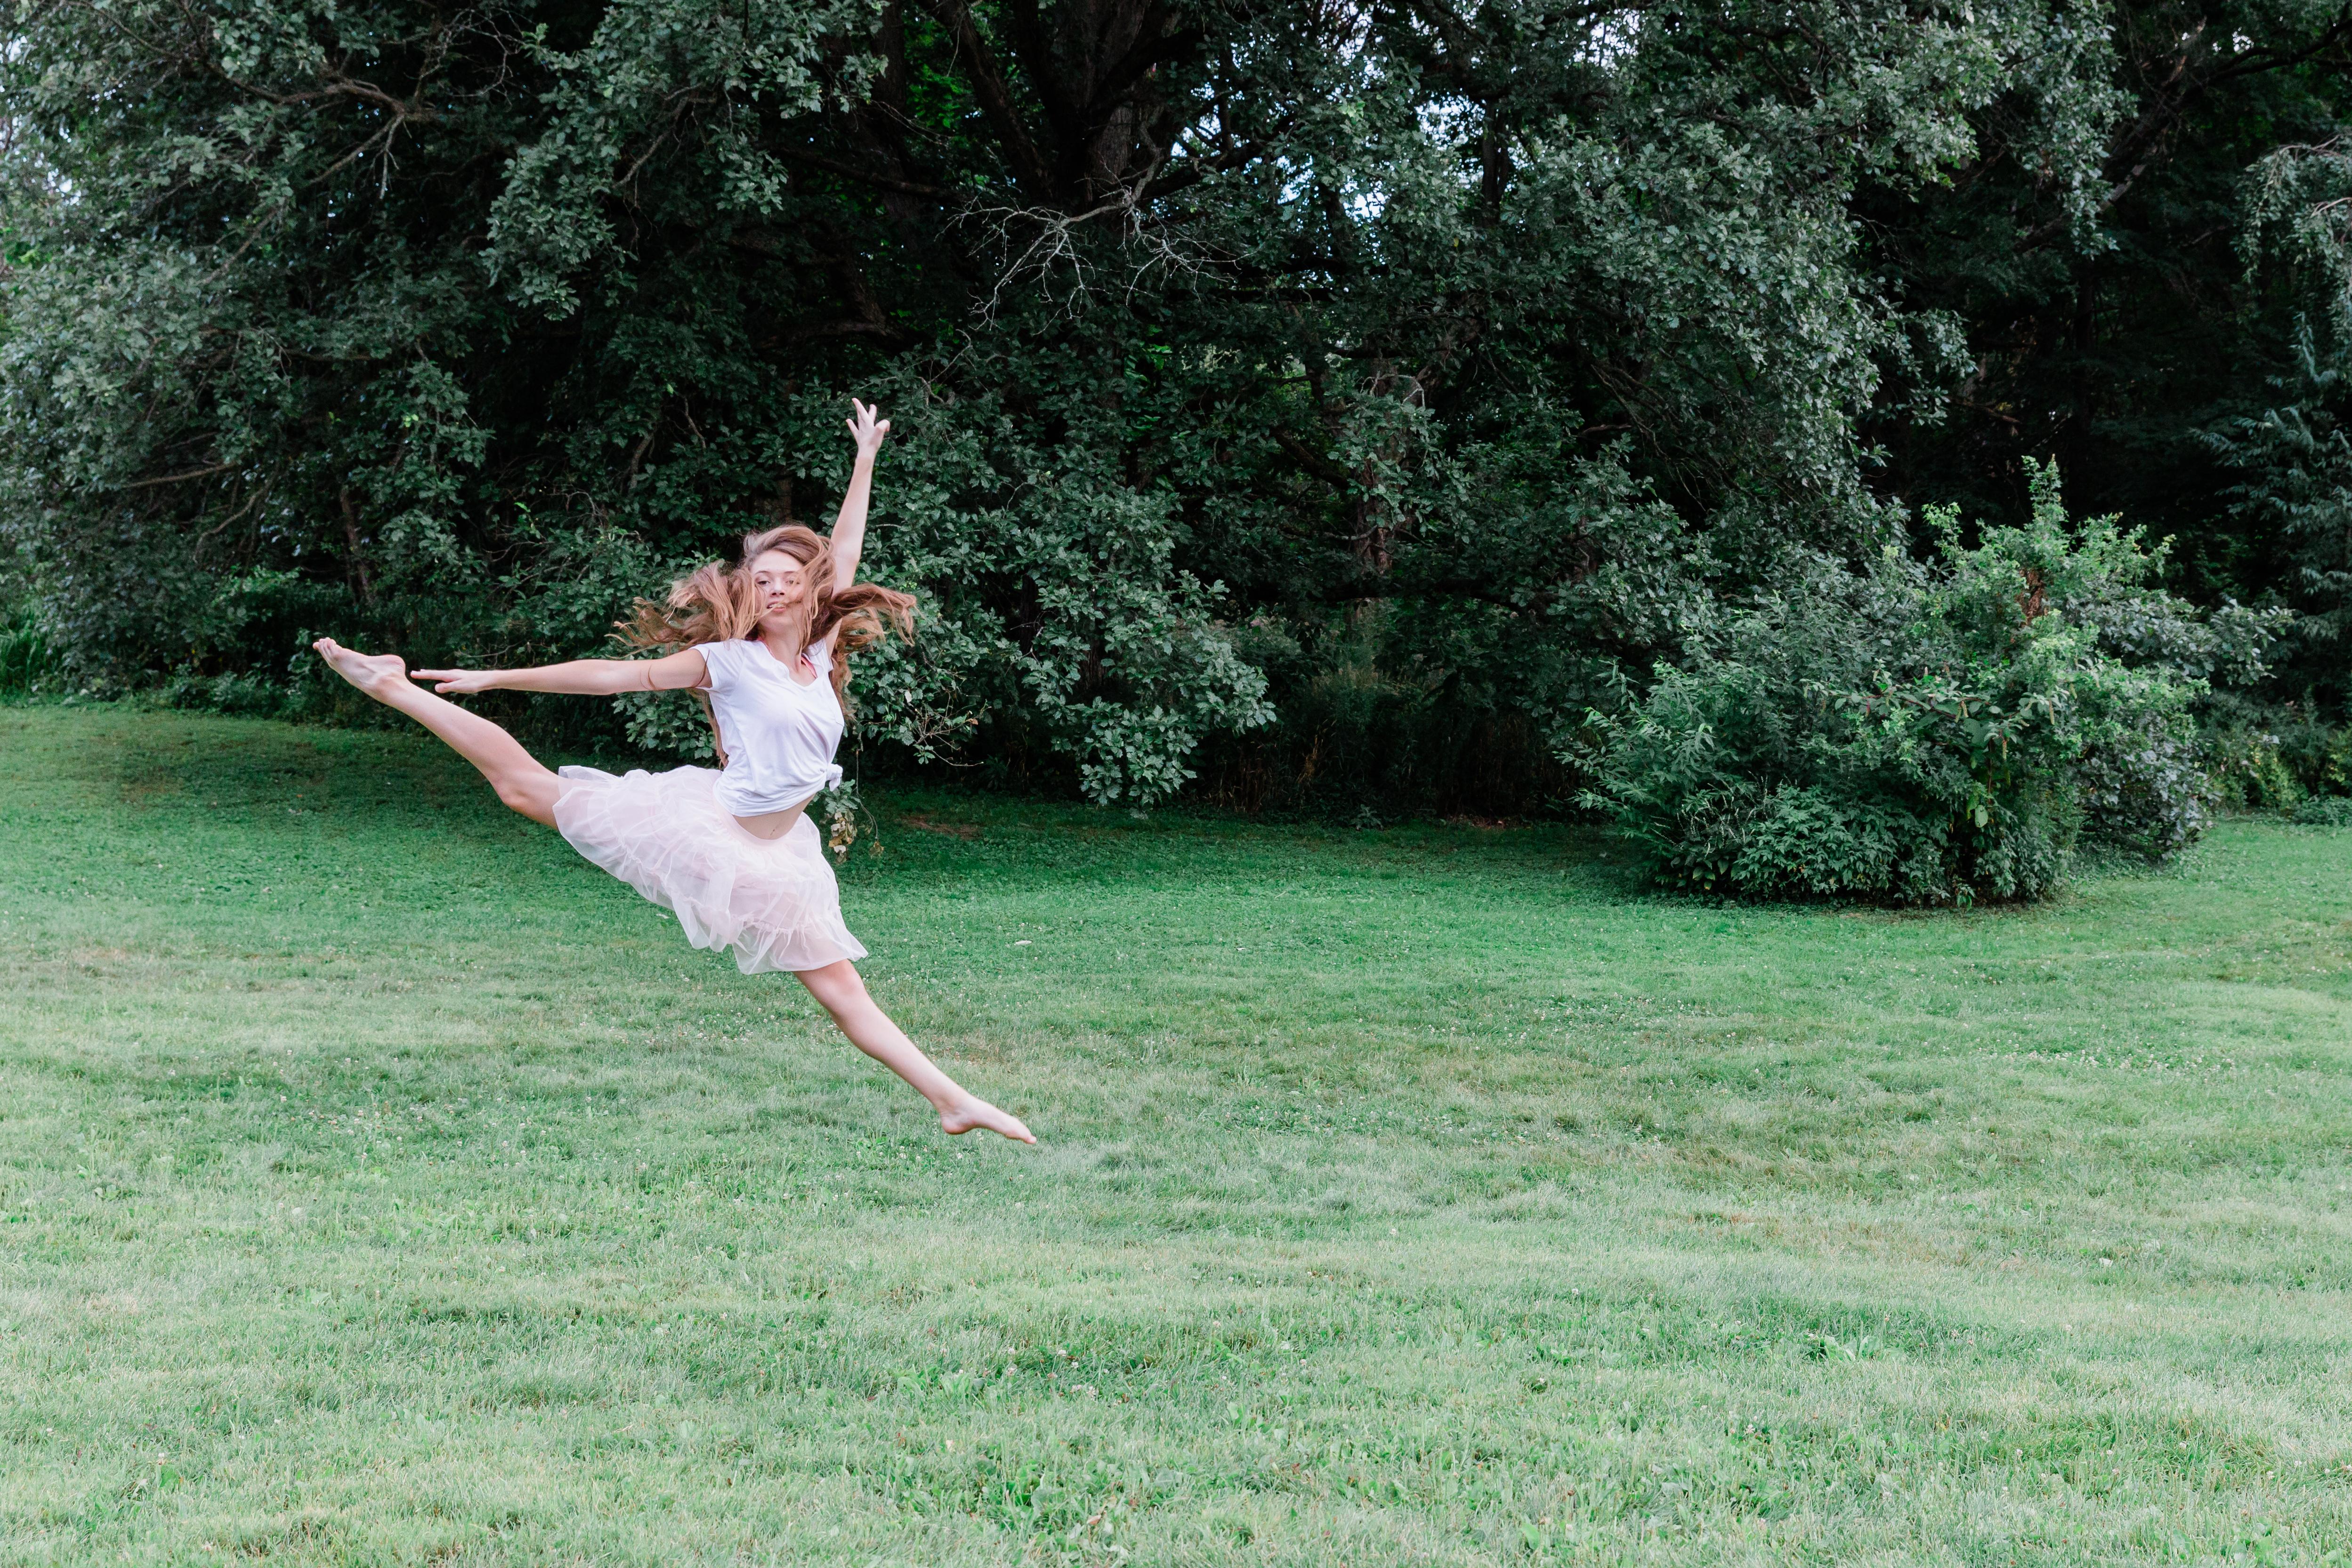 Senior, jump